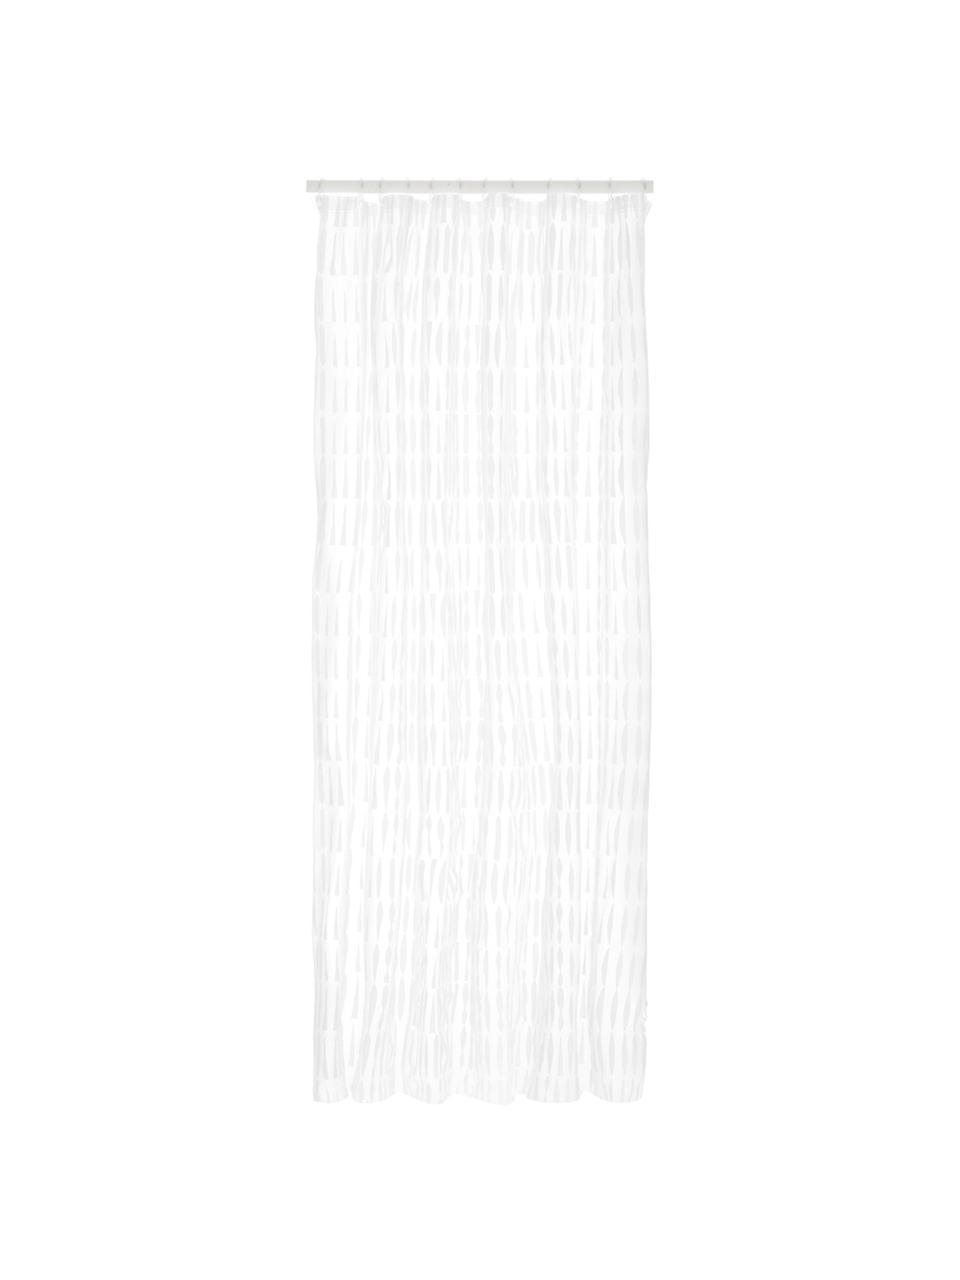 Rideau de douche transparent/blanc Zora, Transparent, blanc